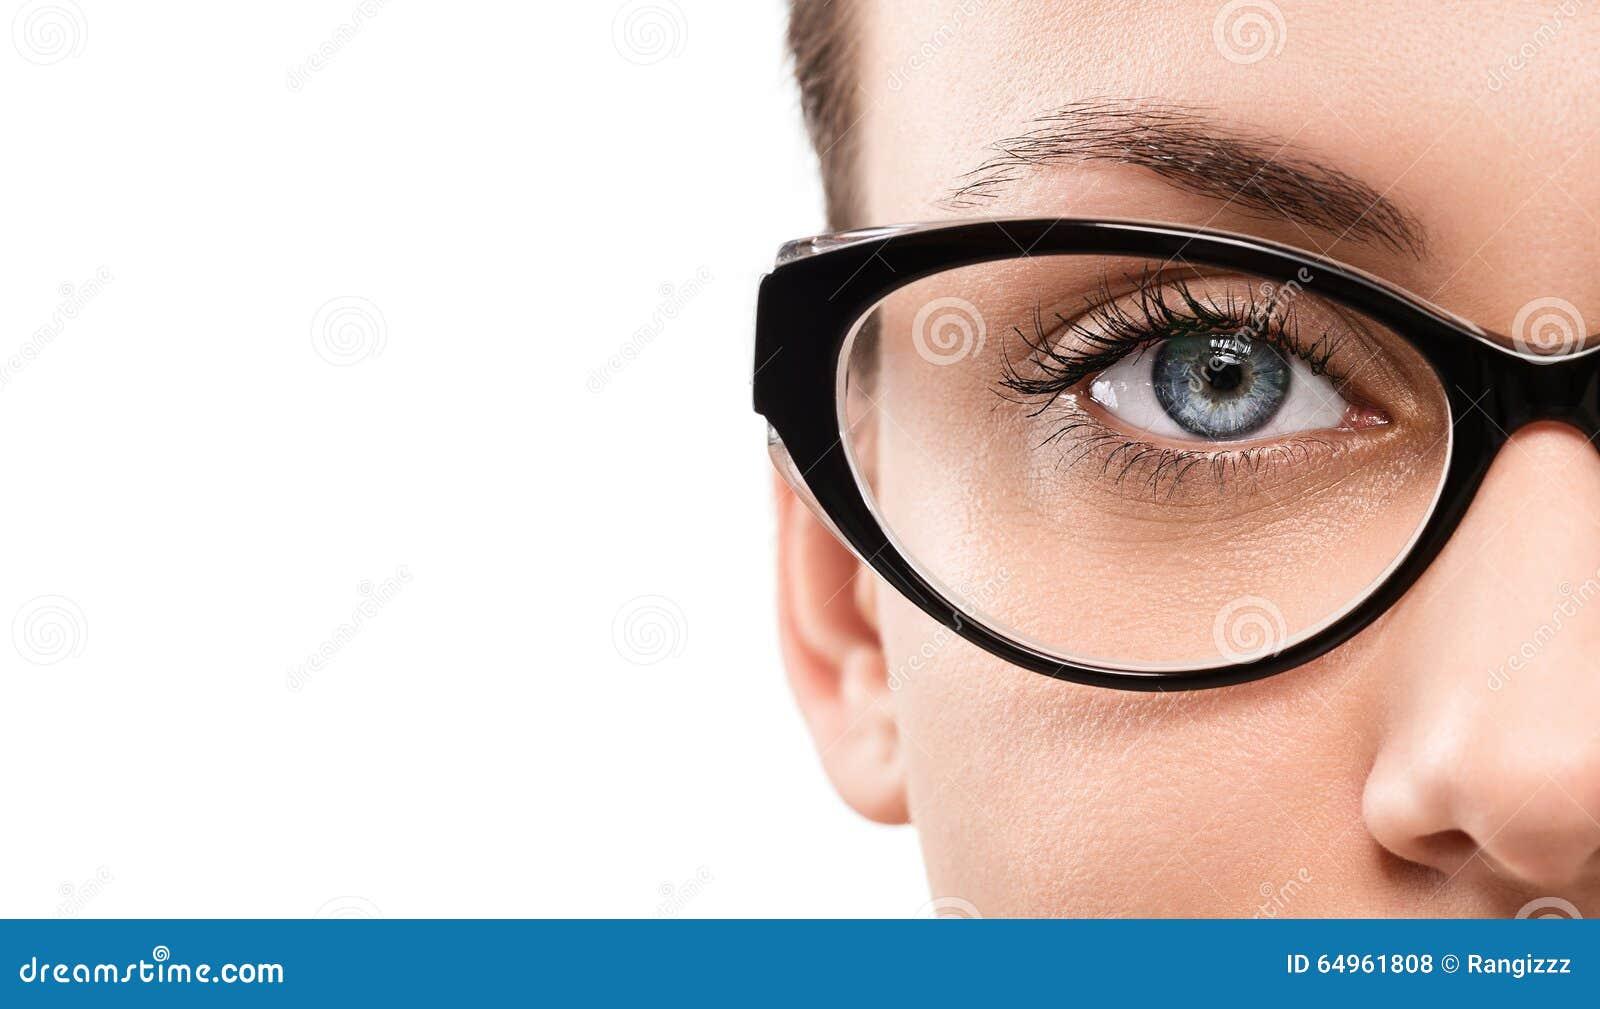 Eyewear Stock Photo. Image Of Macro, Isolated, Human